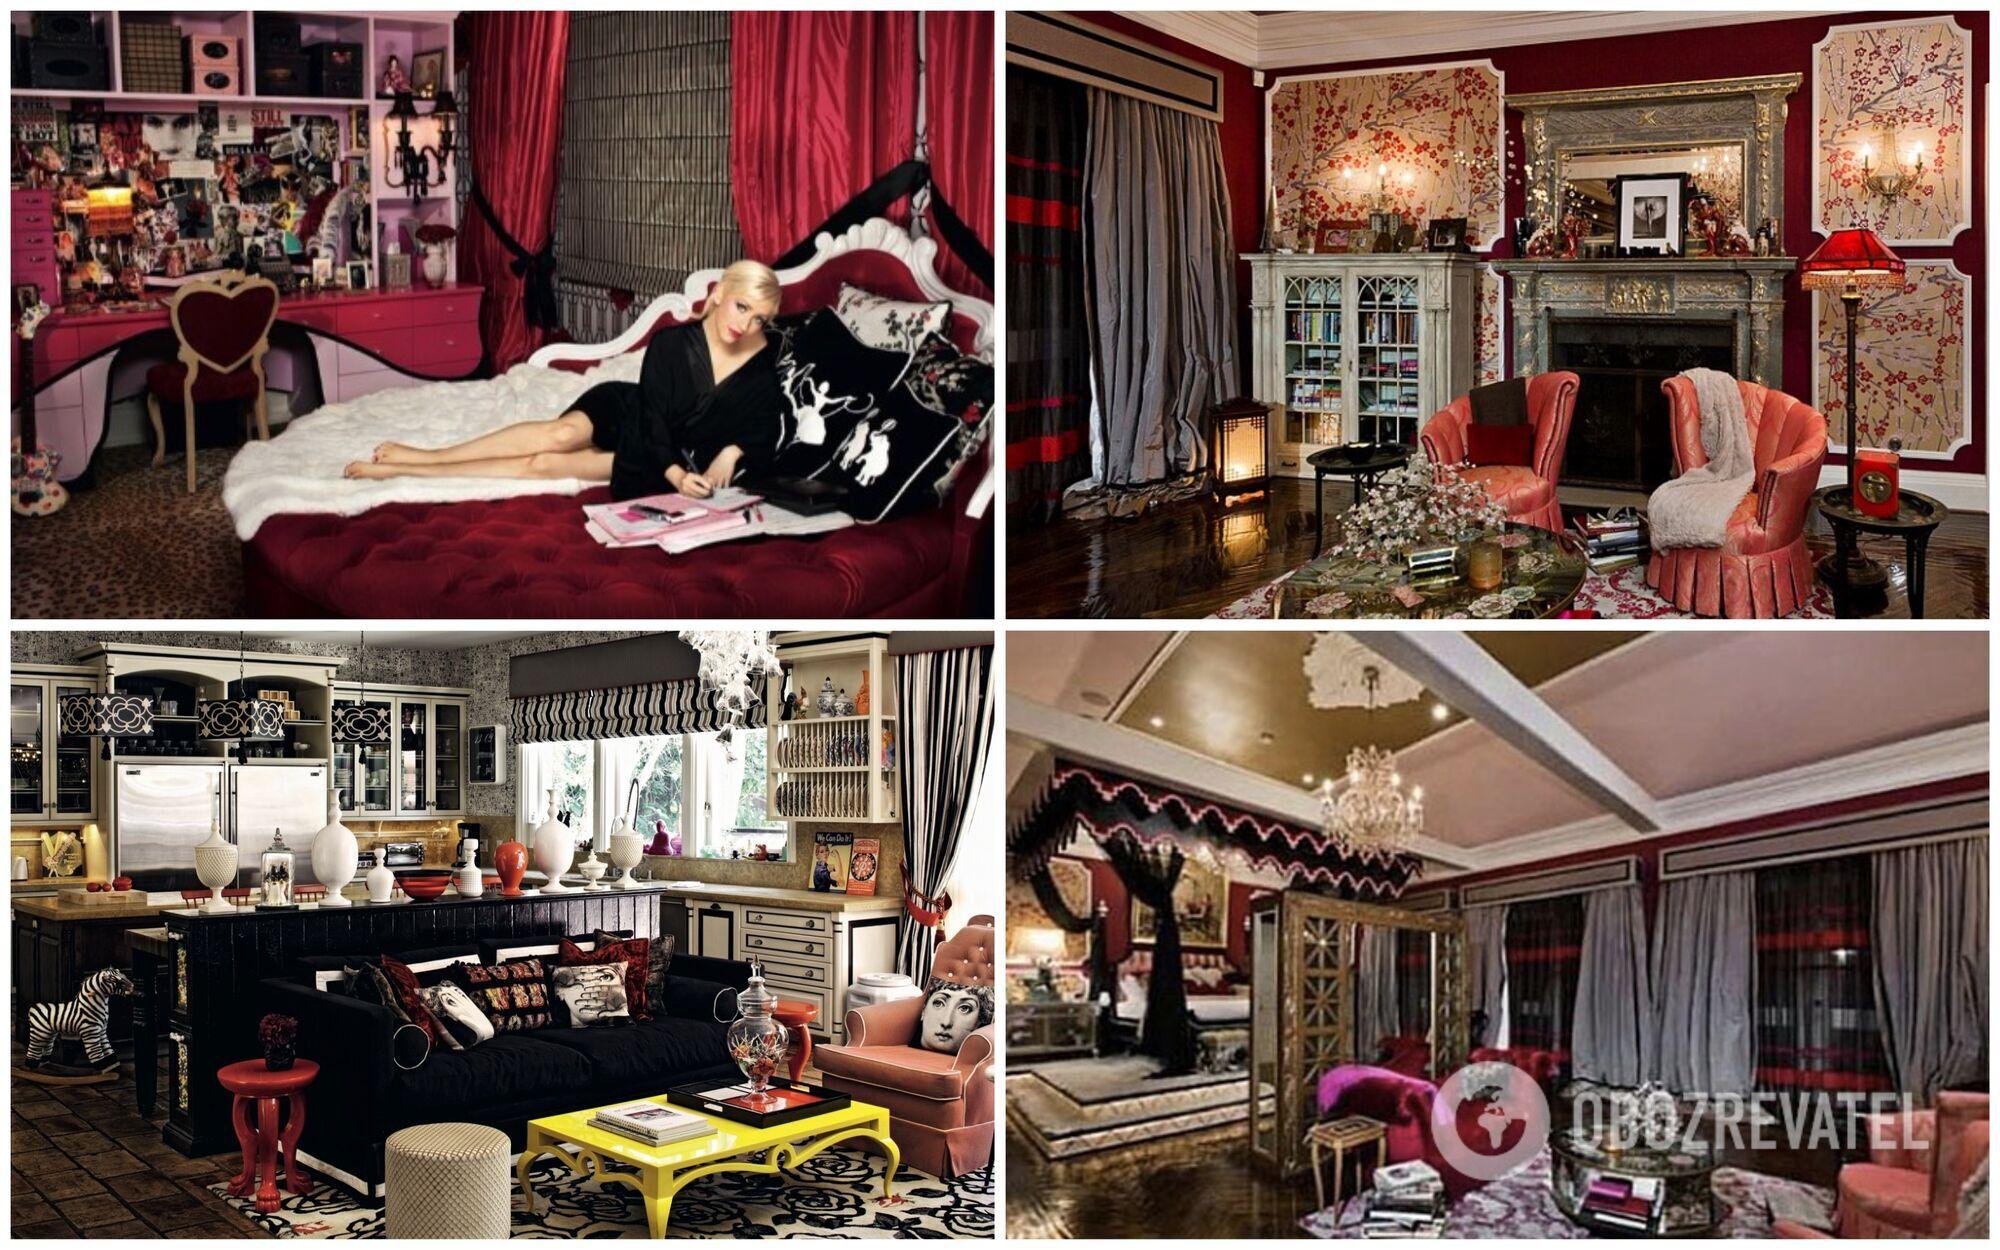 Безвкусным дом Агилеры делает напыщенность, элементы рококо и ампира